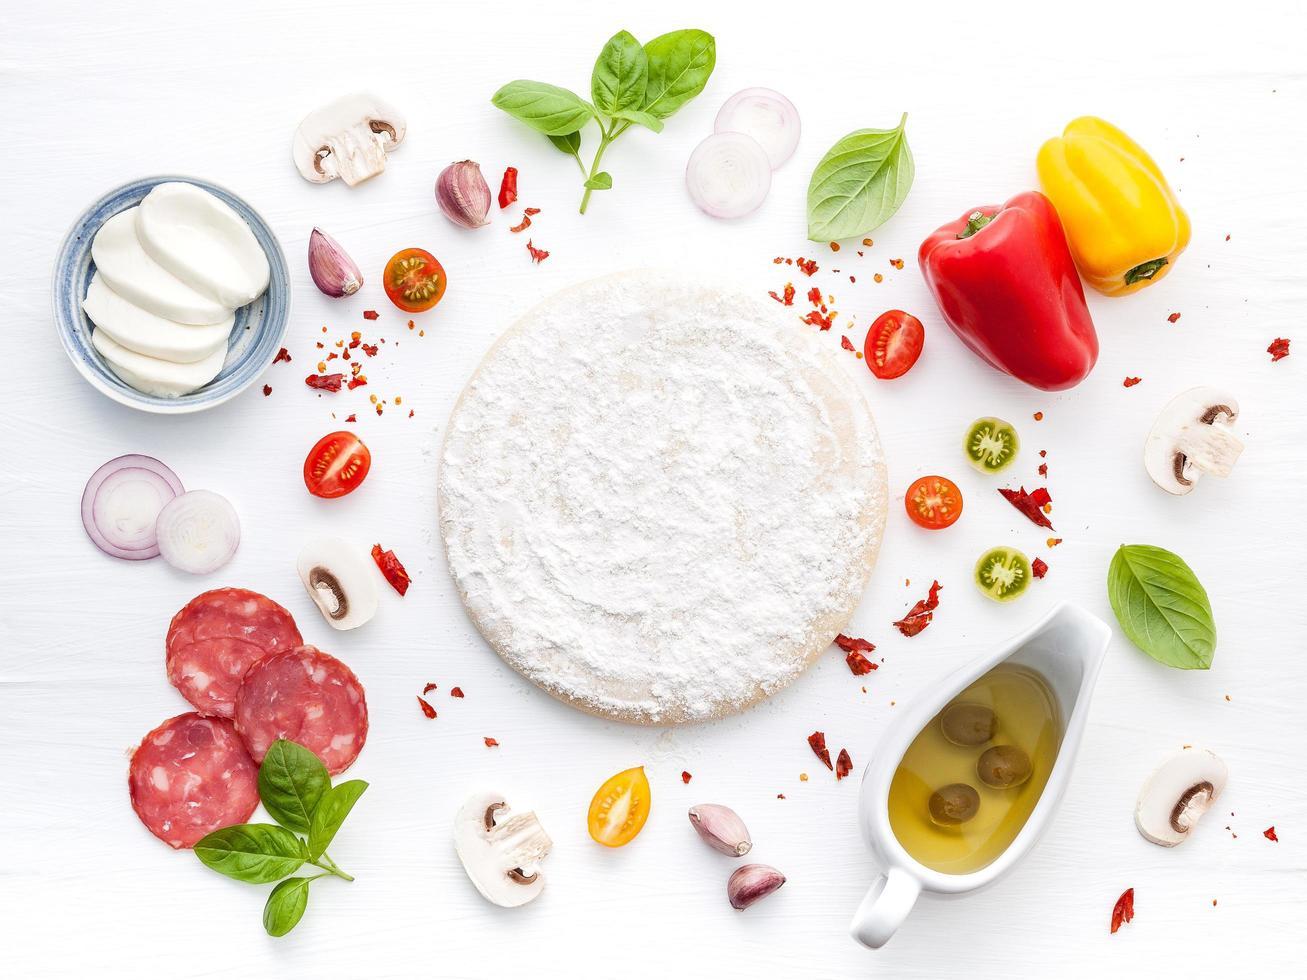 vers pizzadeeg en ingrediënten foto